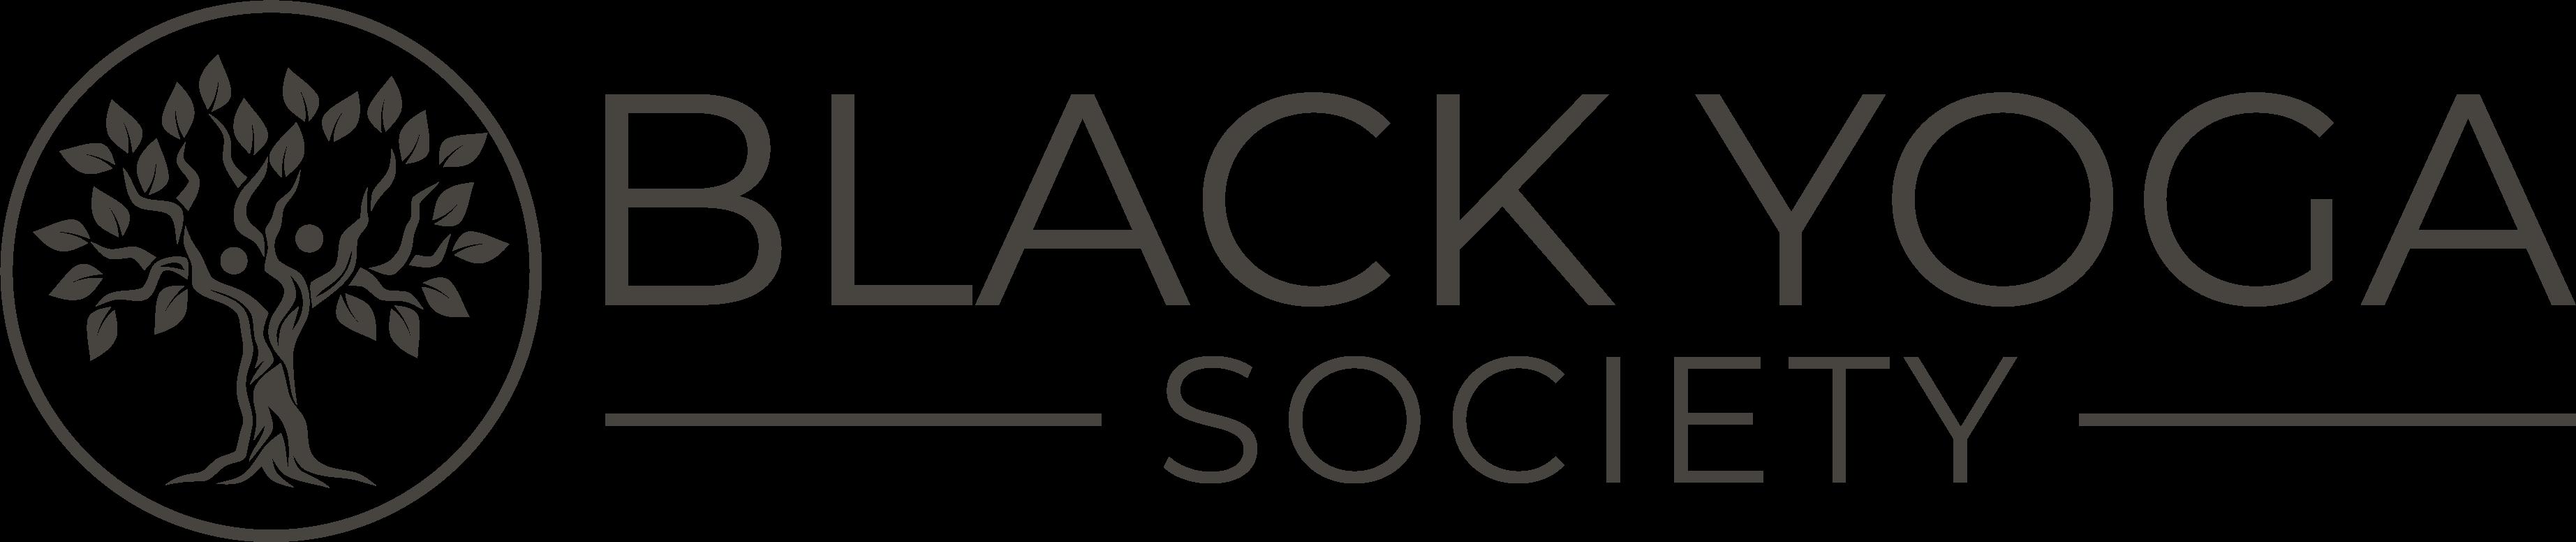 Black Yoga Society